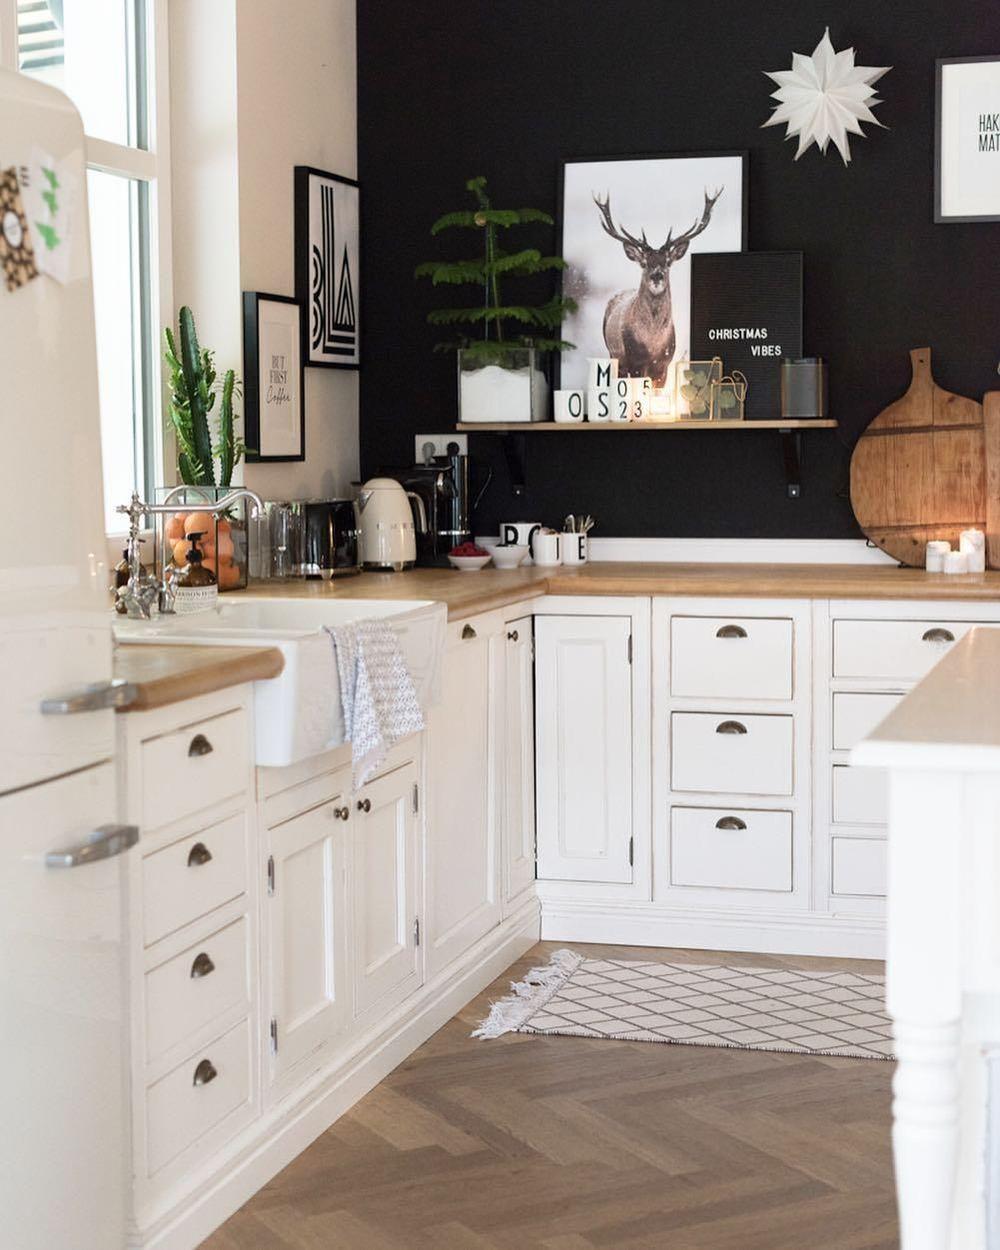 Reindeer Art in Scandi Black Kitchen